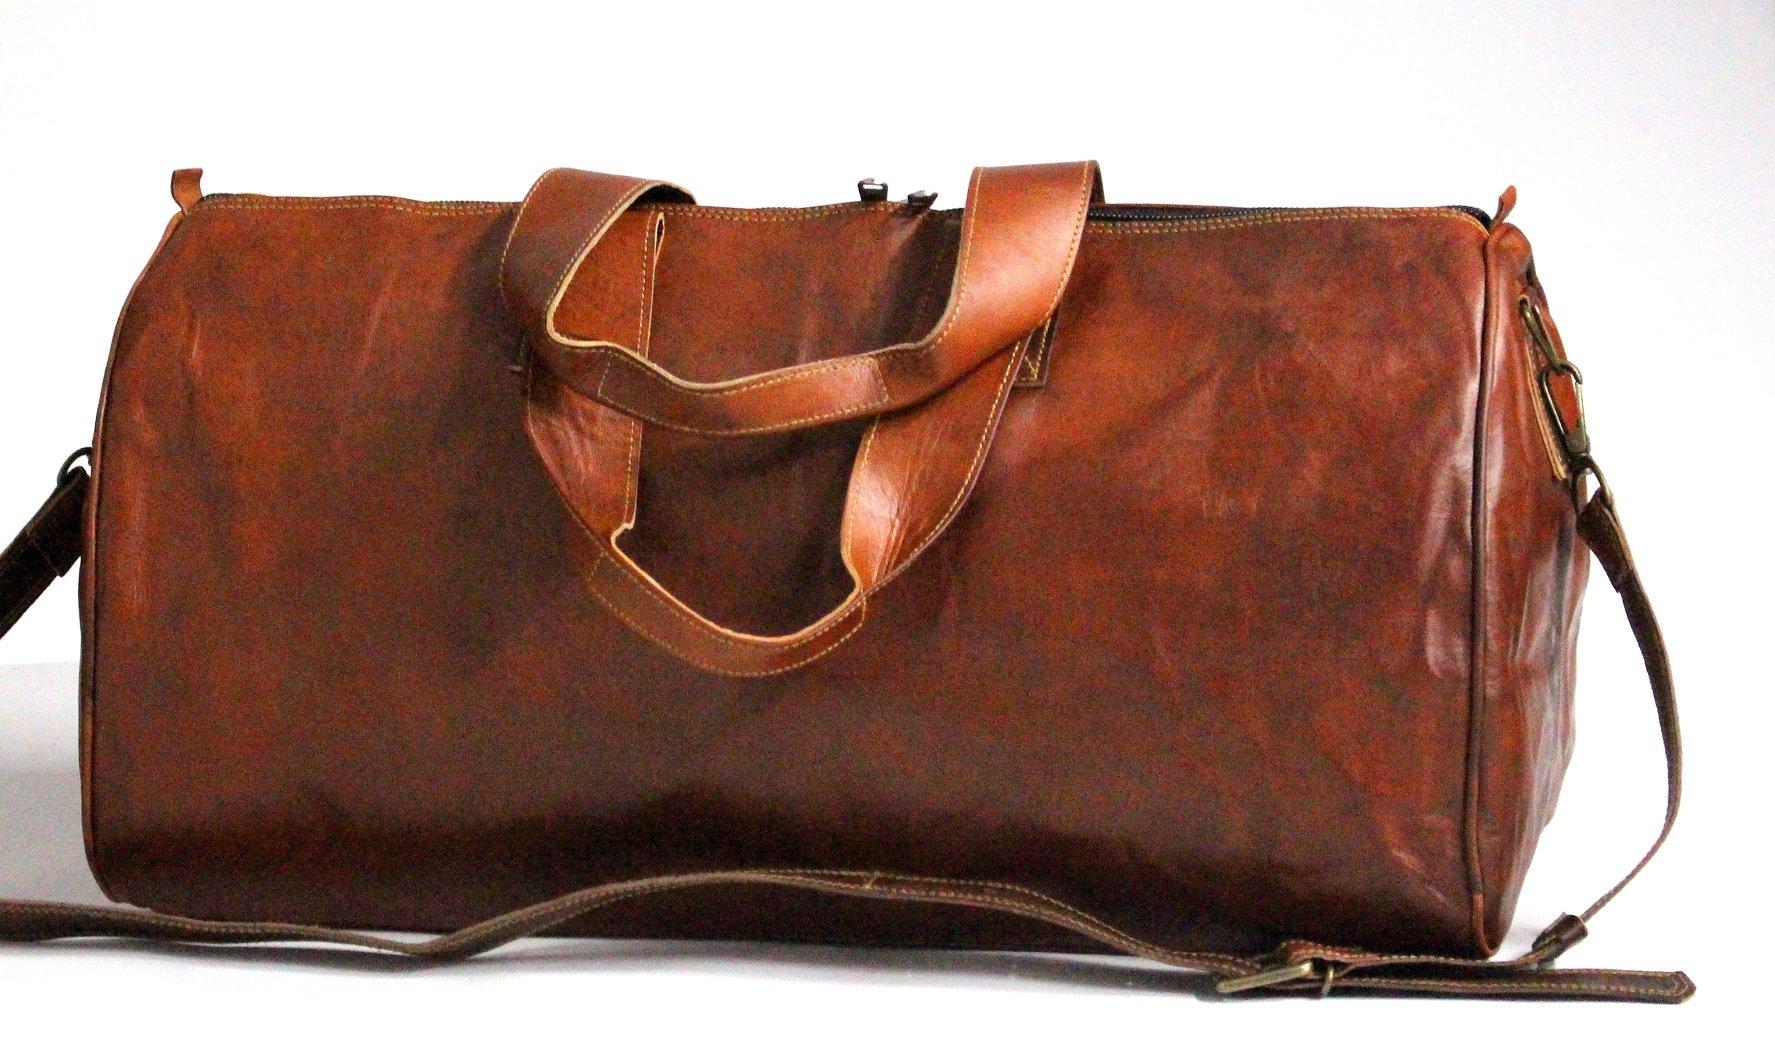 LUST Unisex Handmade Real Leather Duffel Bag Weekend Bag Tan Brown Duffle Bag